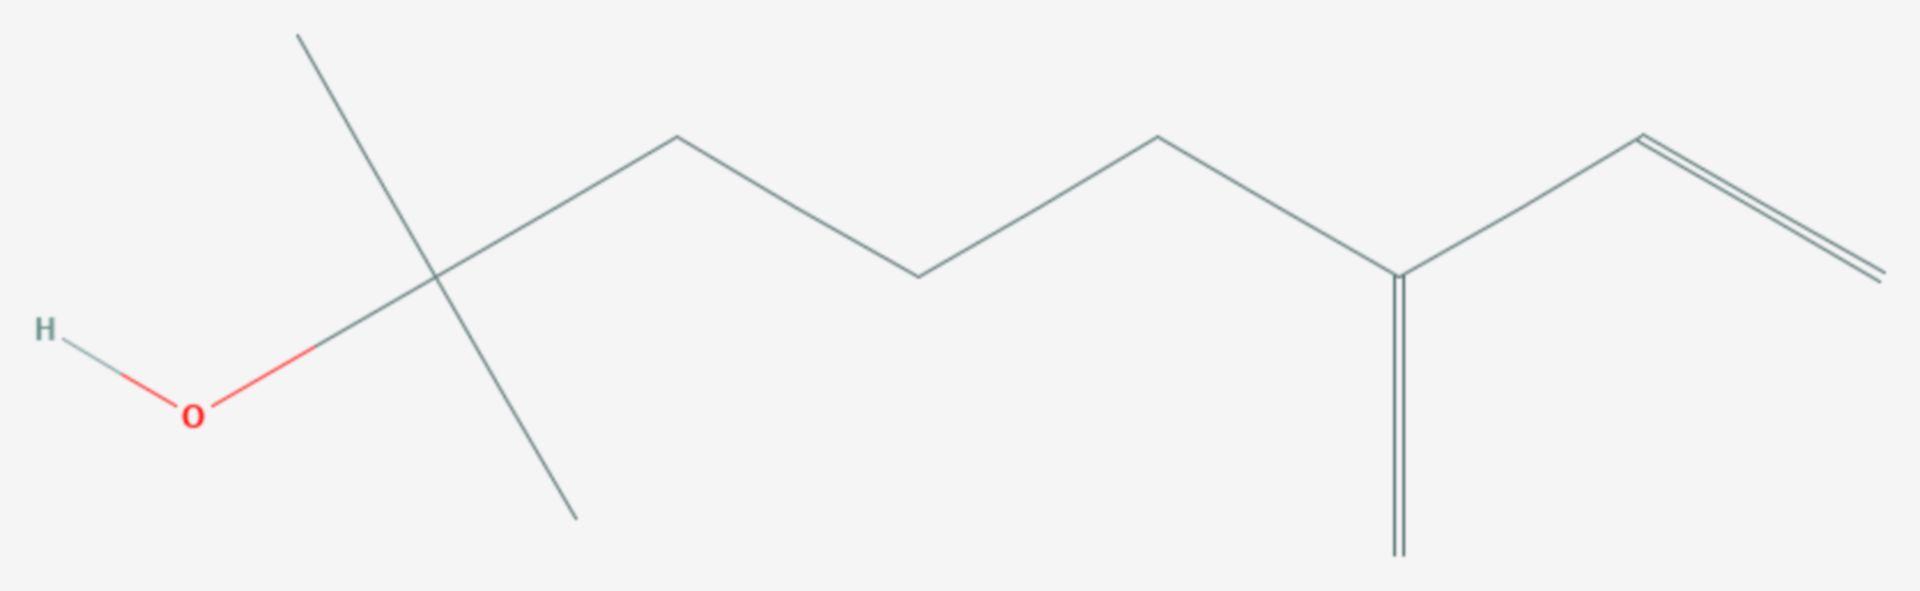 Myrcenol (Strukturformel)